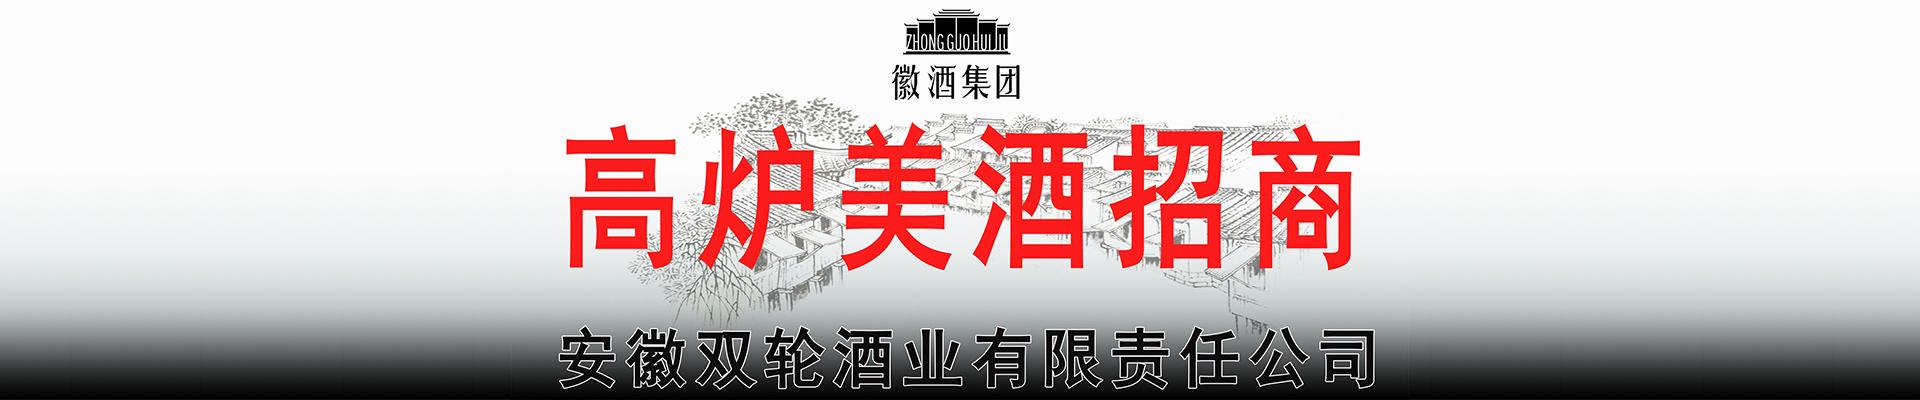 徽酒集团高炉美酒招商部